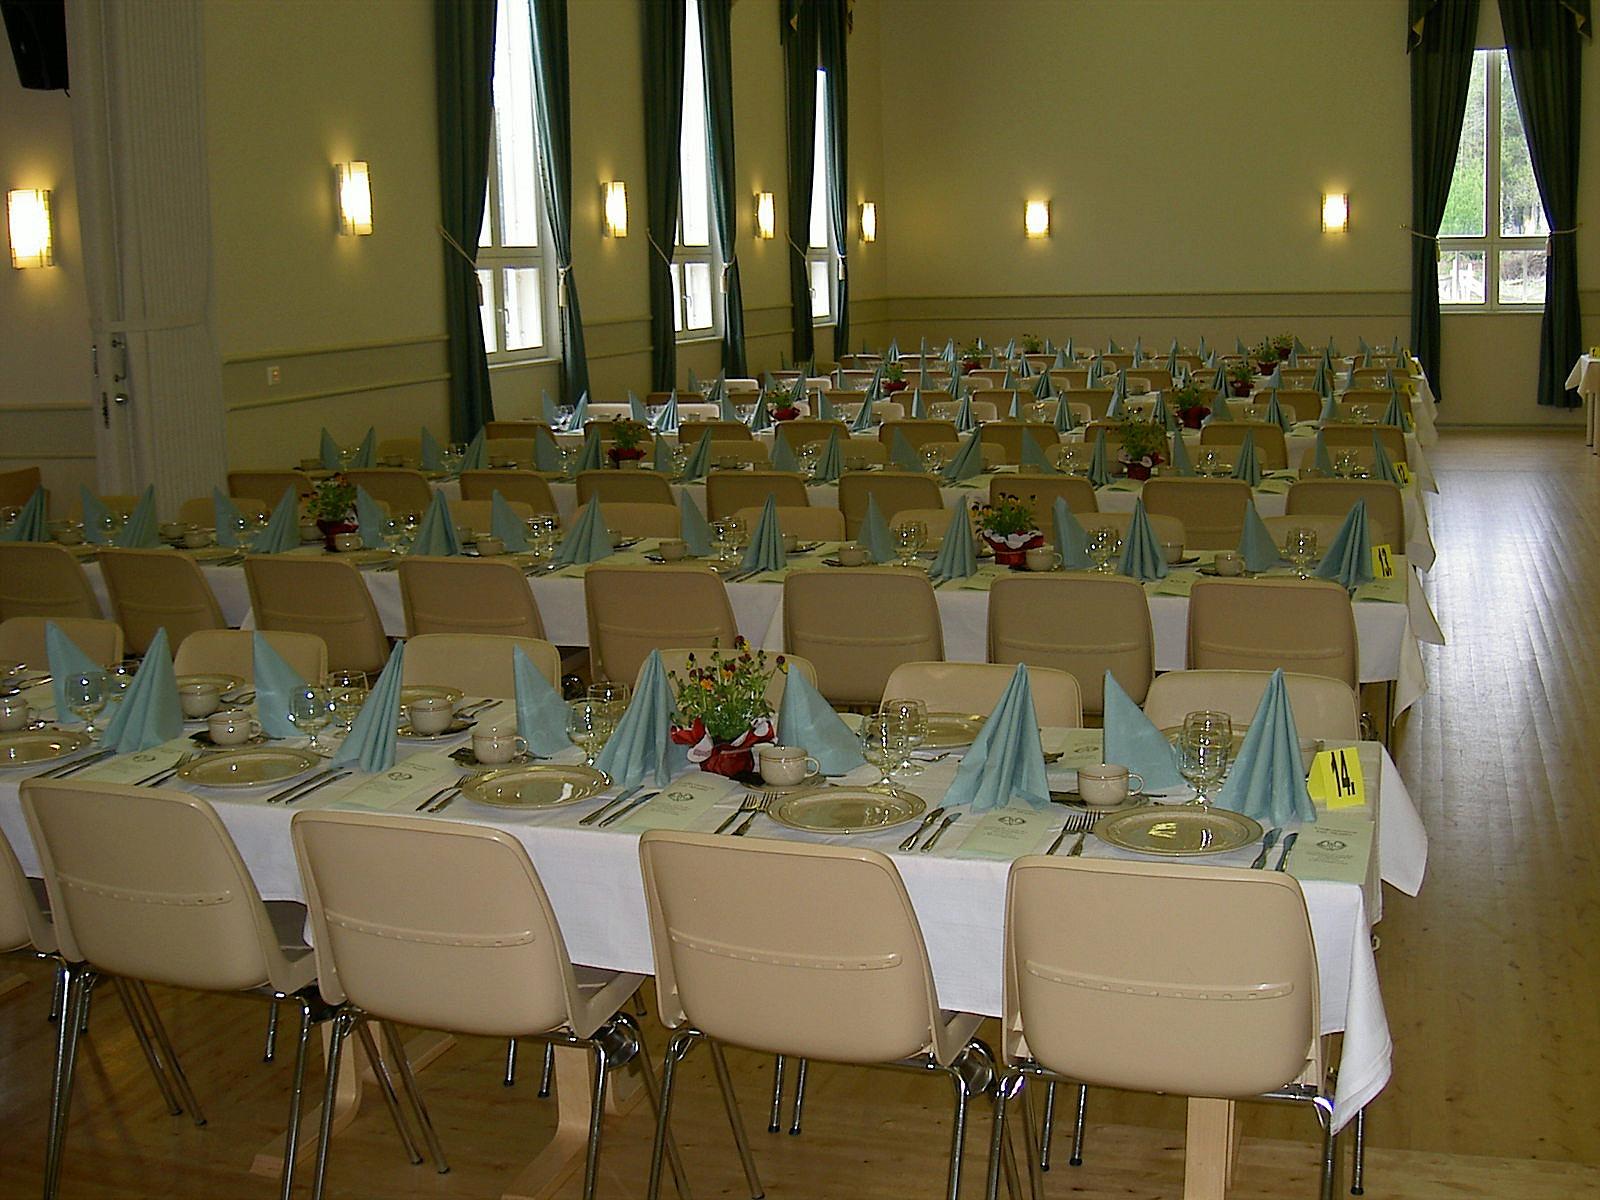 Det nya föreningshuset Majbo är som gjort för fina fester. Fotot från 2003 då Marthaförbunden höll ett möte här.